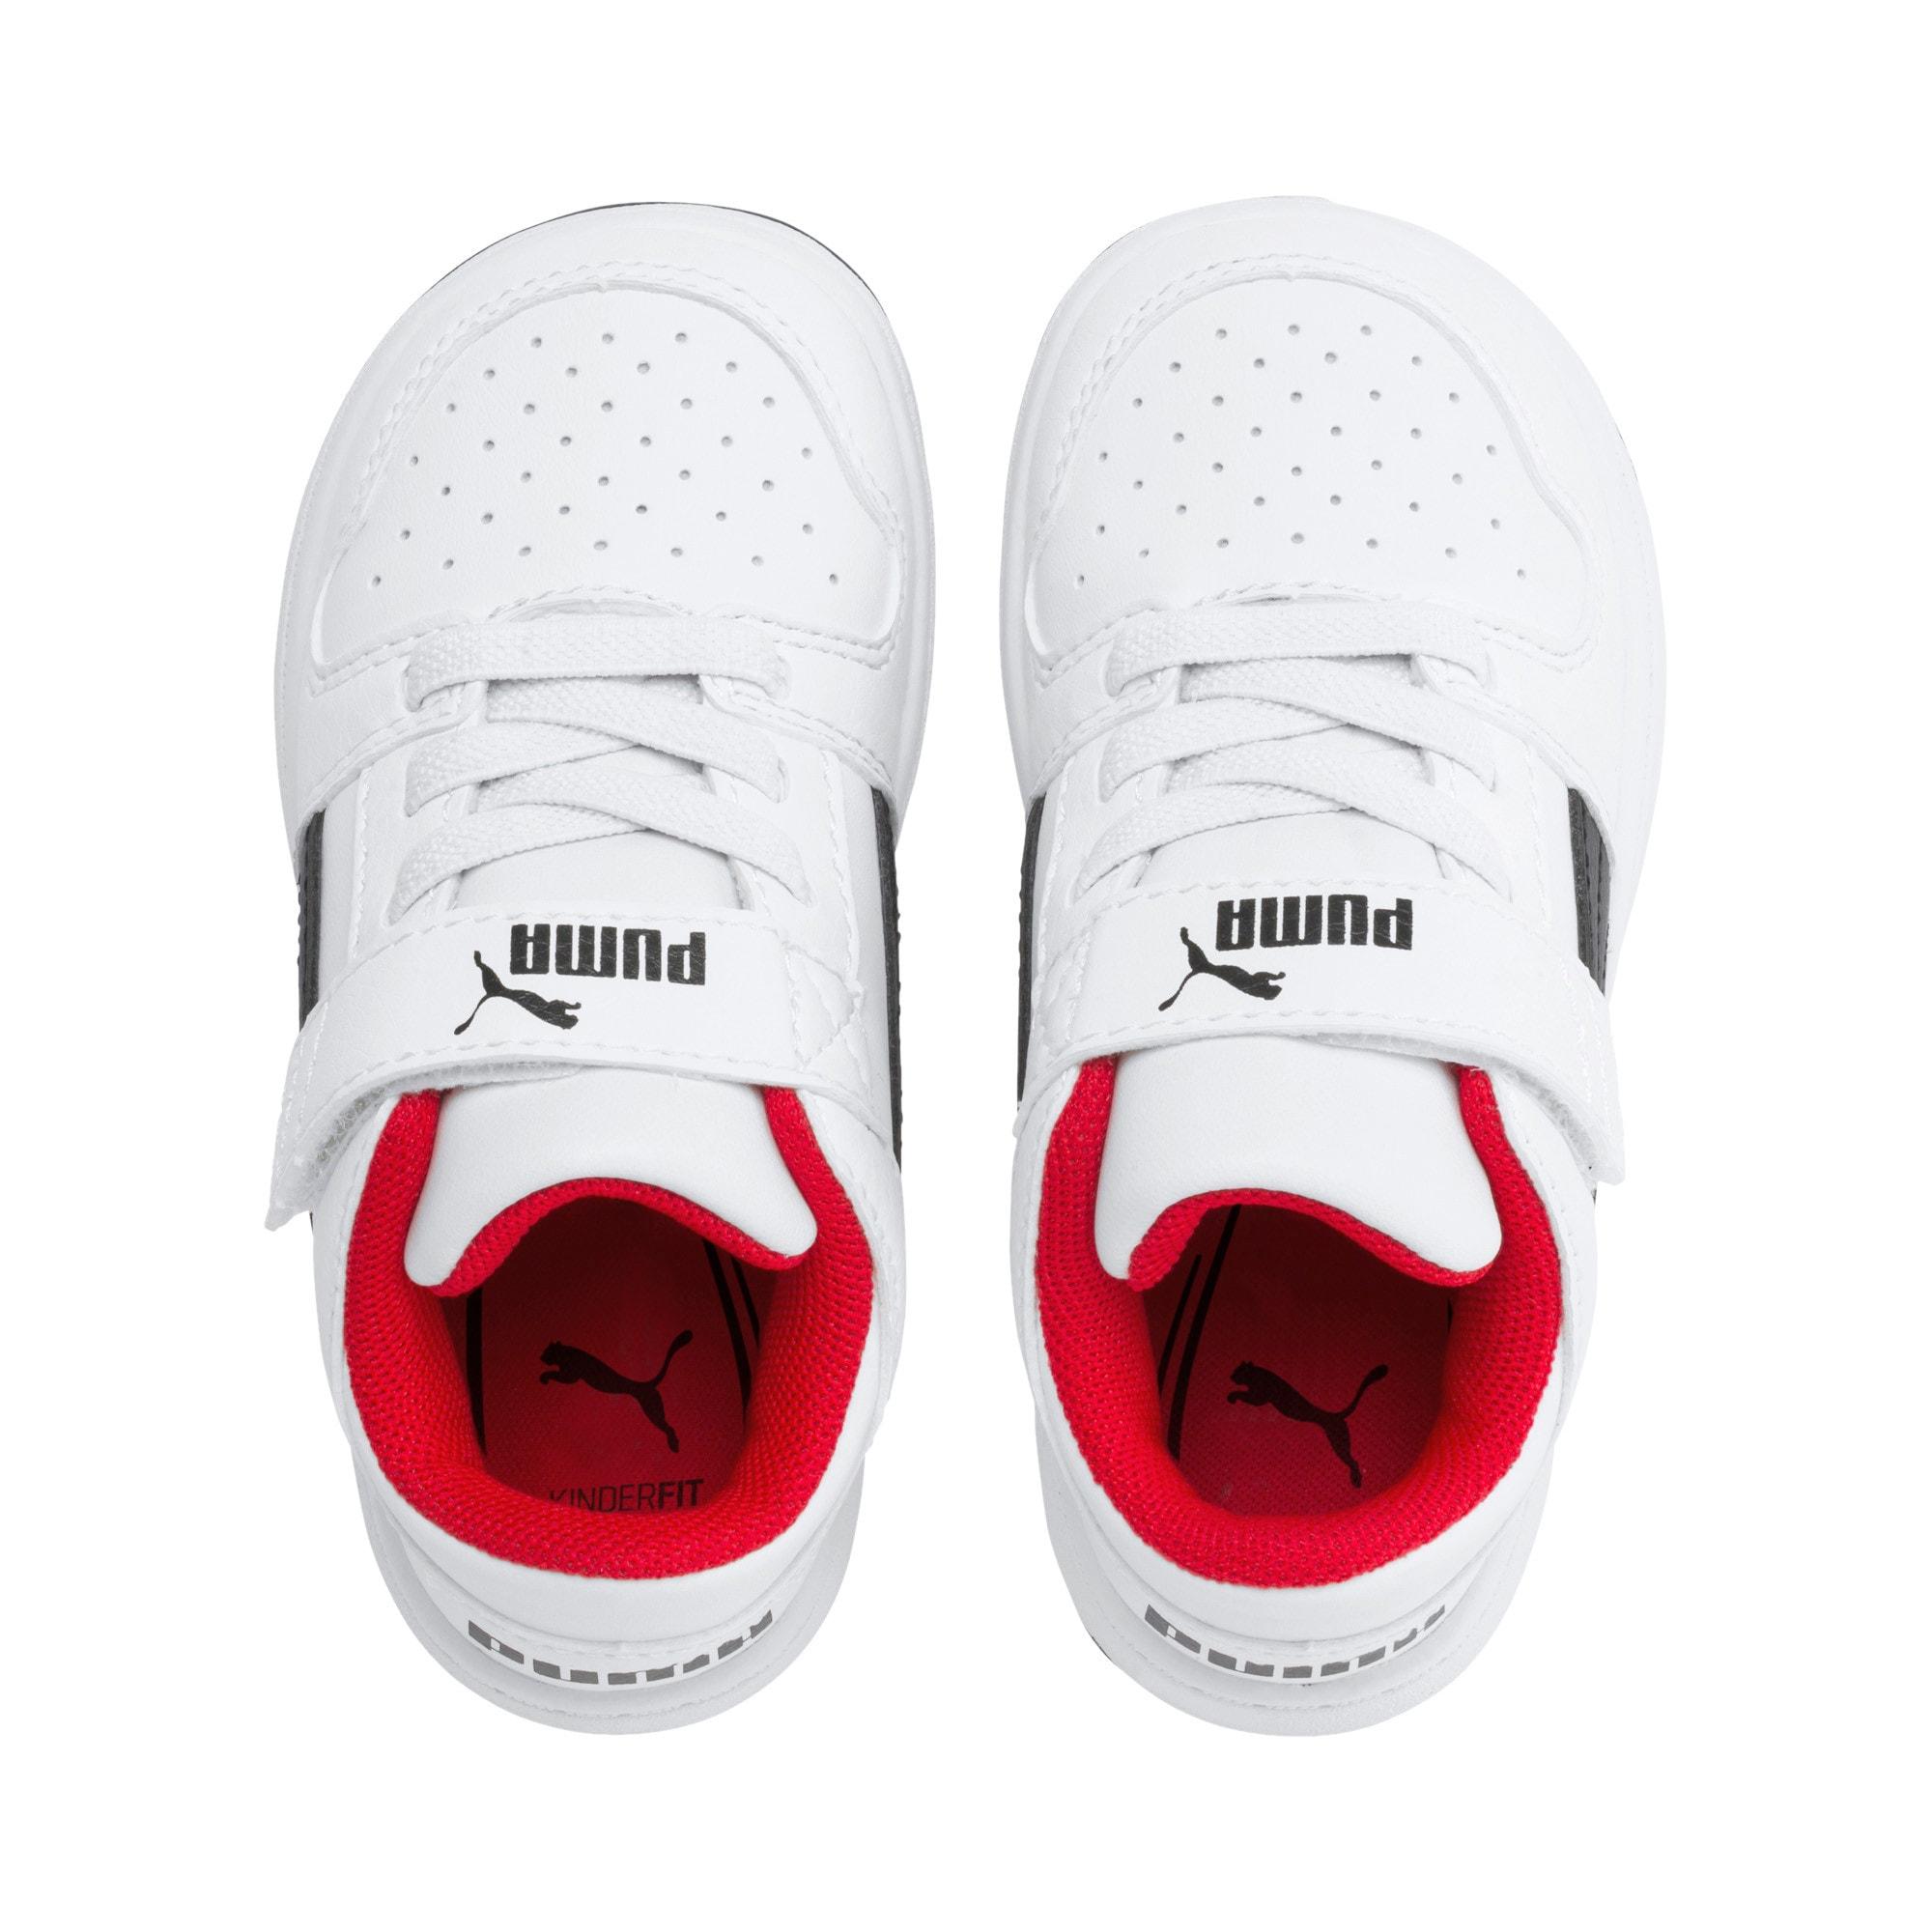 Miniatura 6 de Zapatos deportivos PUMA Rebound LayUp Lo para INF, Puma White-Puma Black-Red, mediano